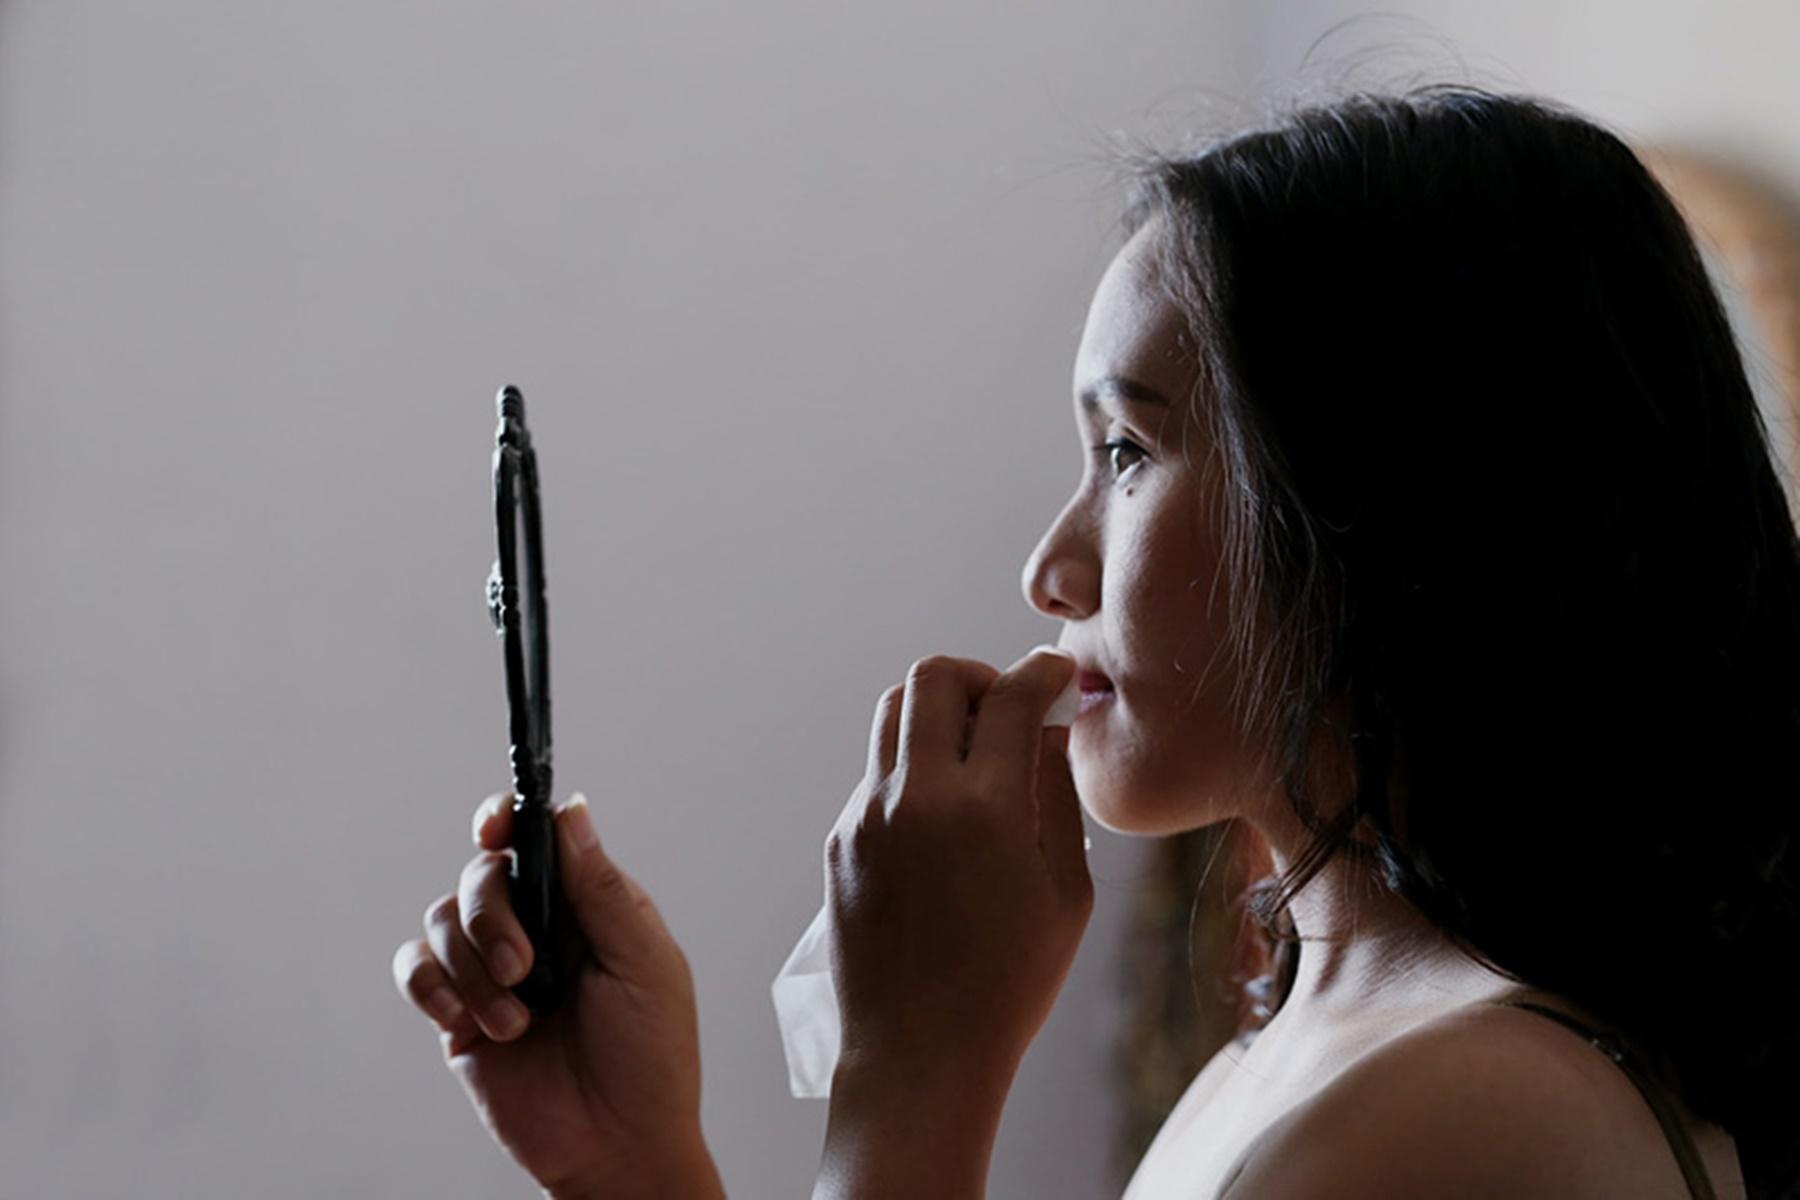 Αυτοφροντίδα : Συμβουλές για να πετύχετε την αυτοεξυπηρέτηση σας